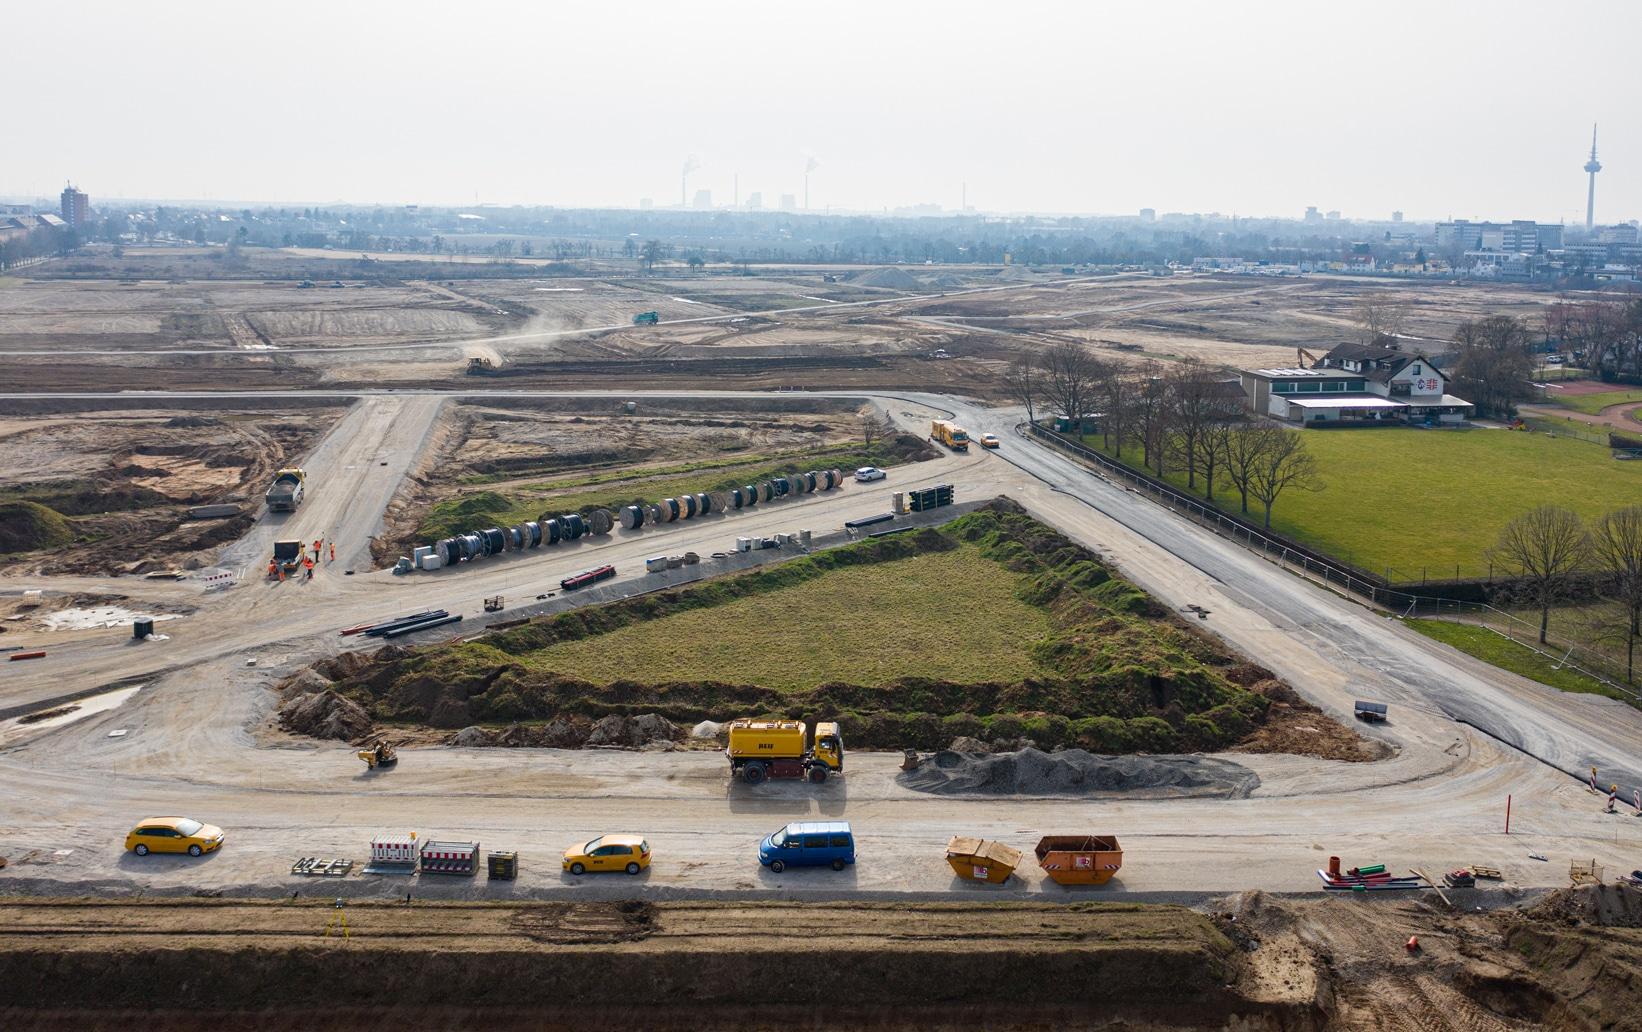 Luftaufnahme der entstehenden Baufelder mit Straßen